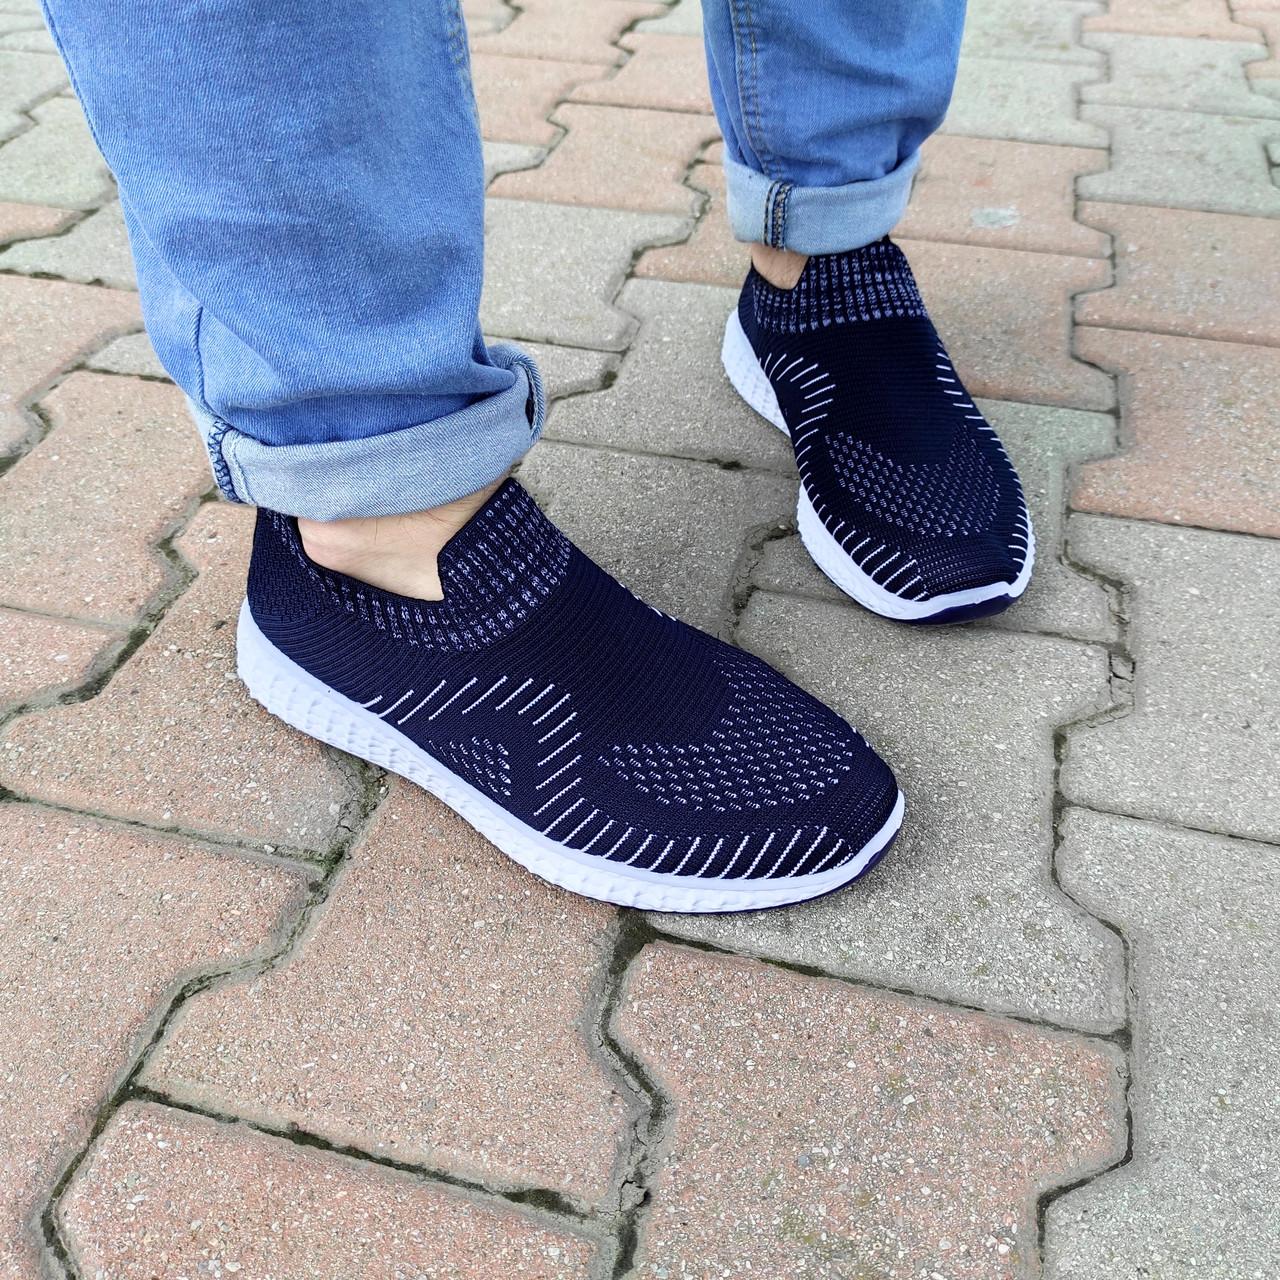 Сині чоловічі тканинні кросівки шкарпетки літні текстиль легкі бігові без шнурків